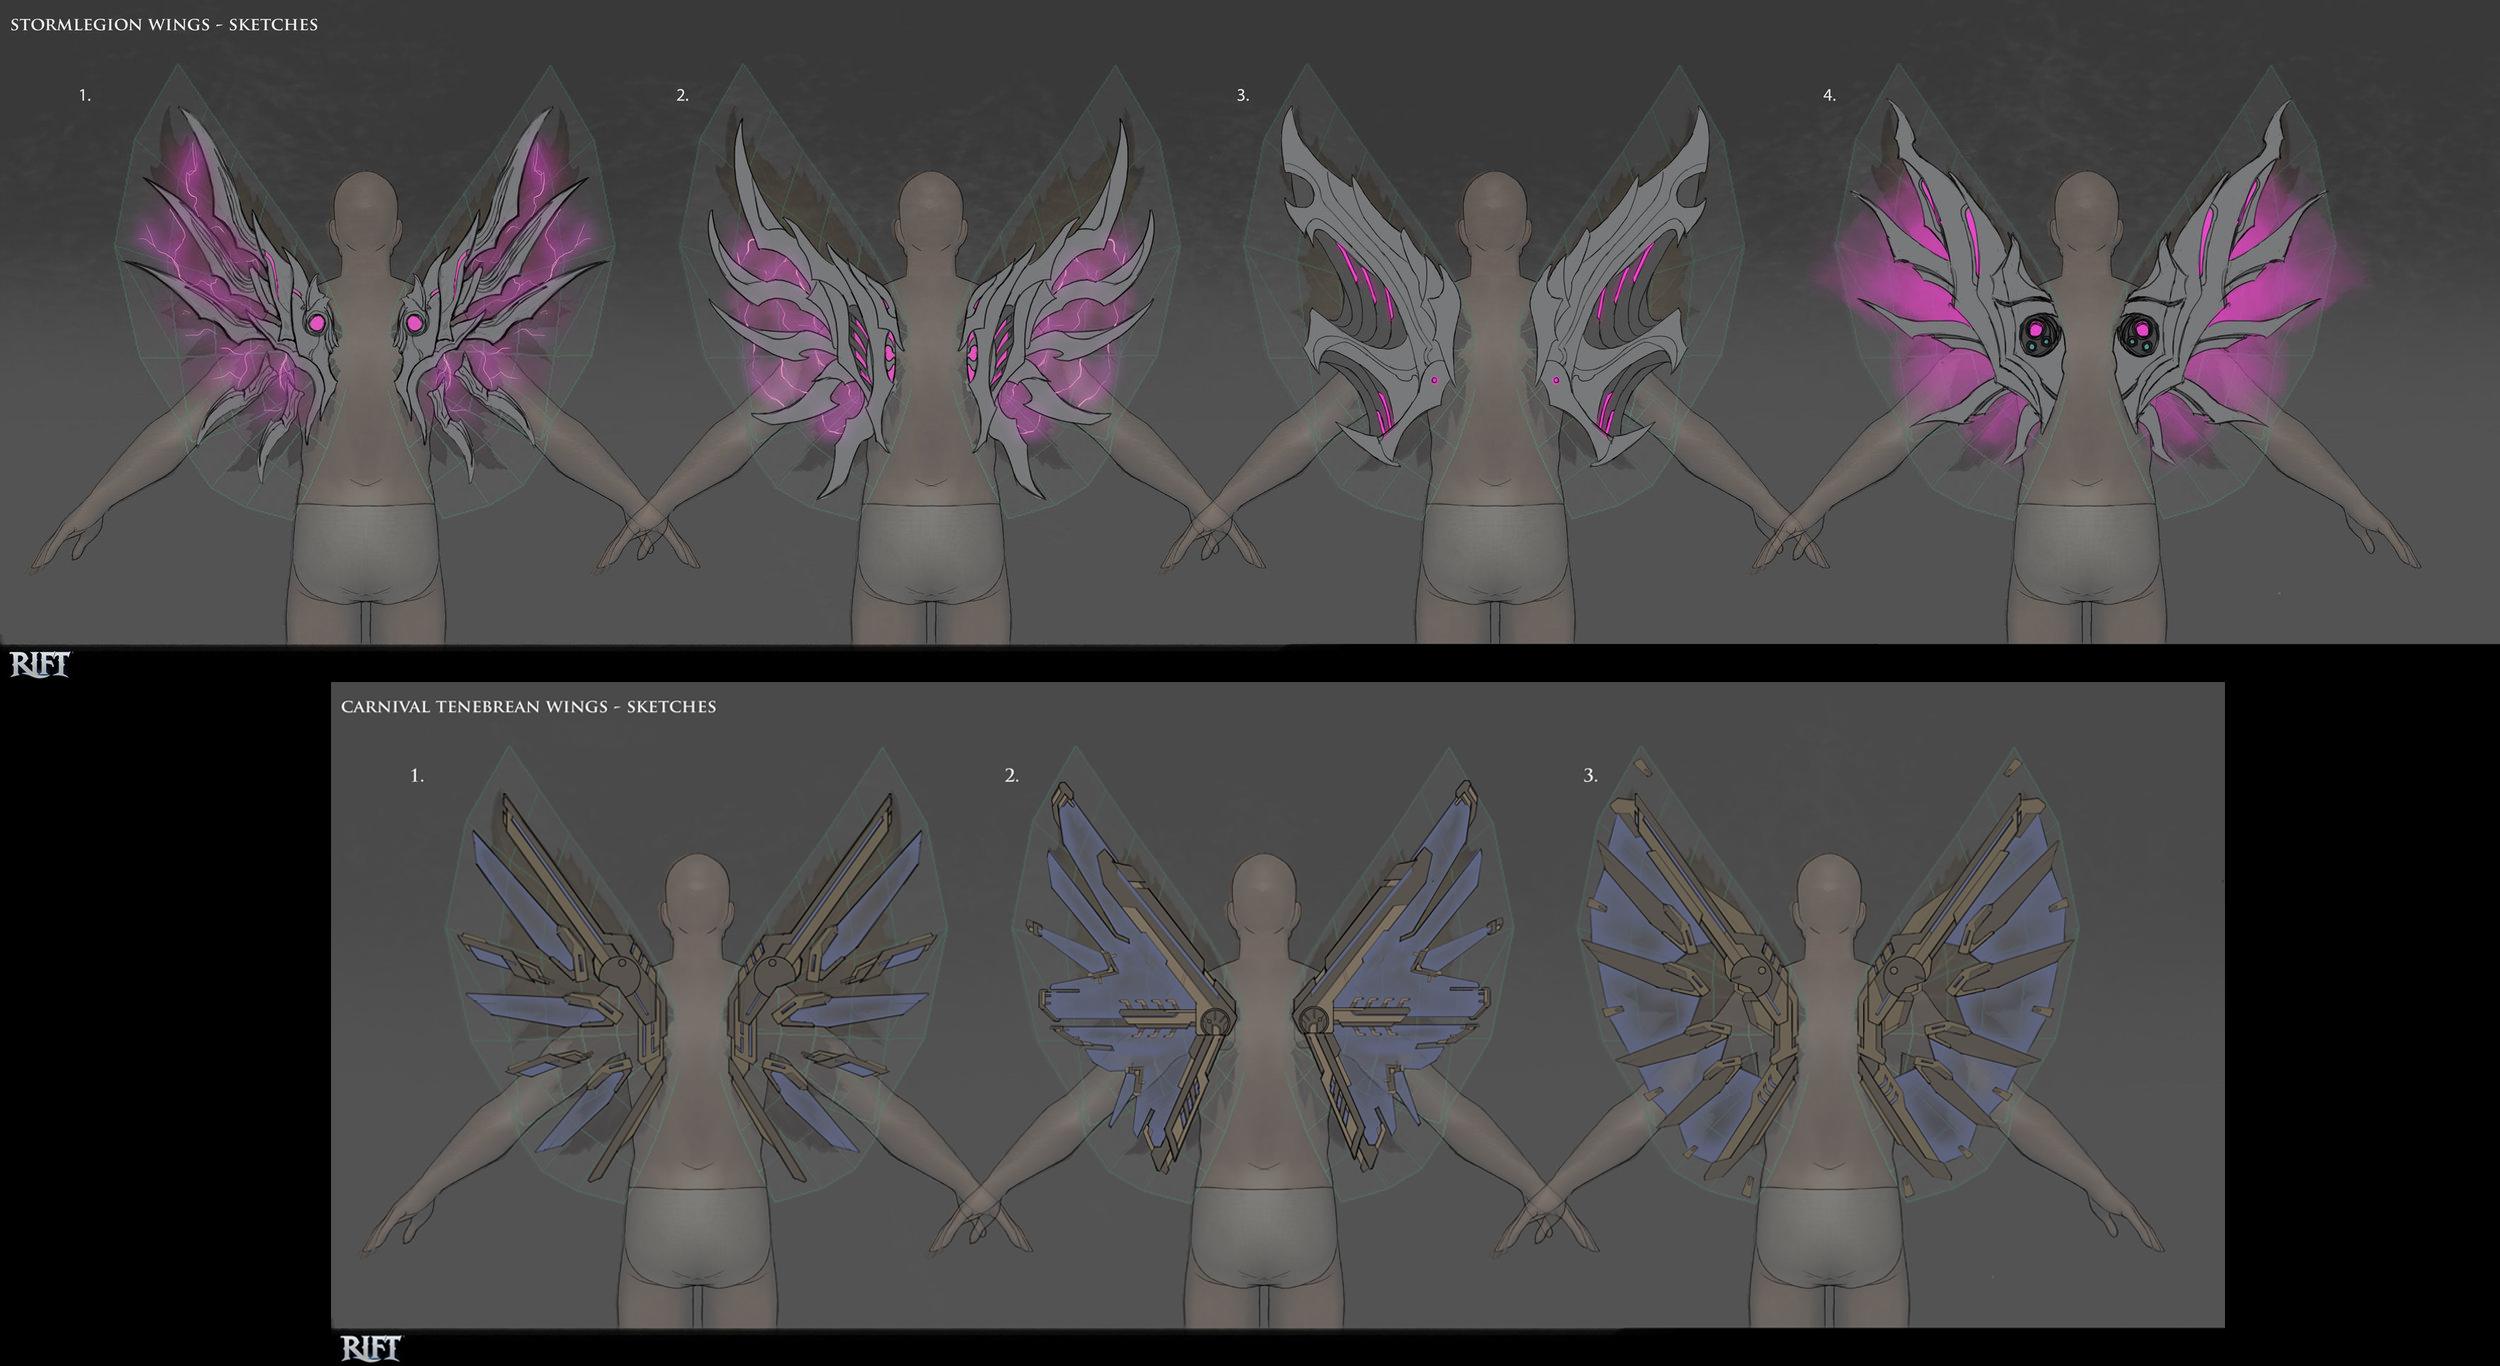 Wings_sketches.jpg